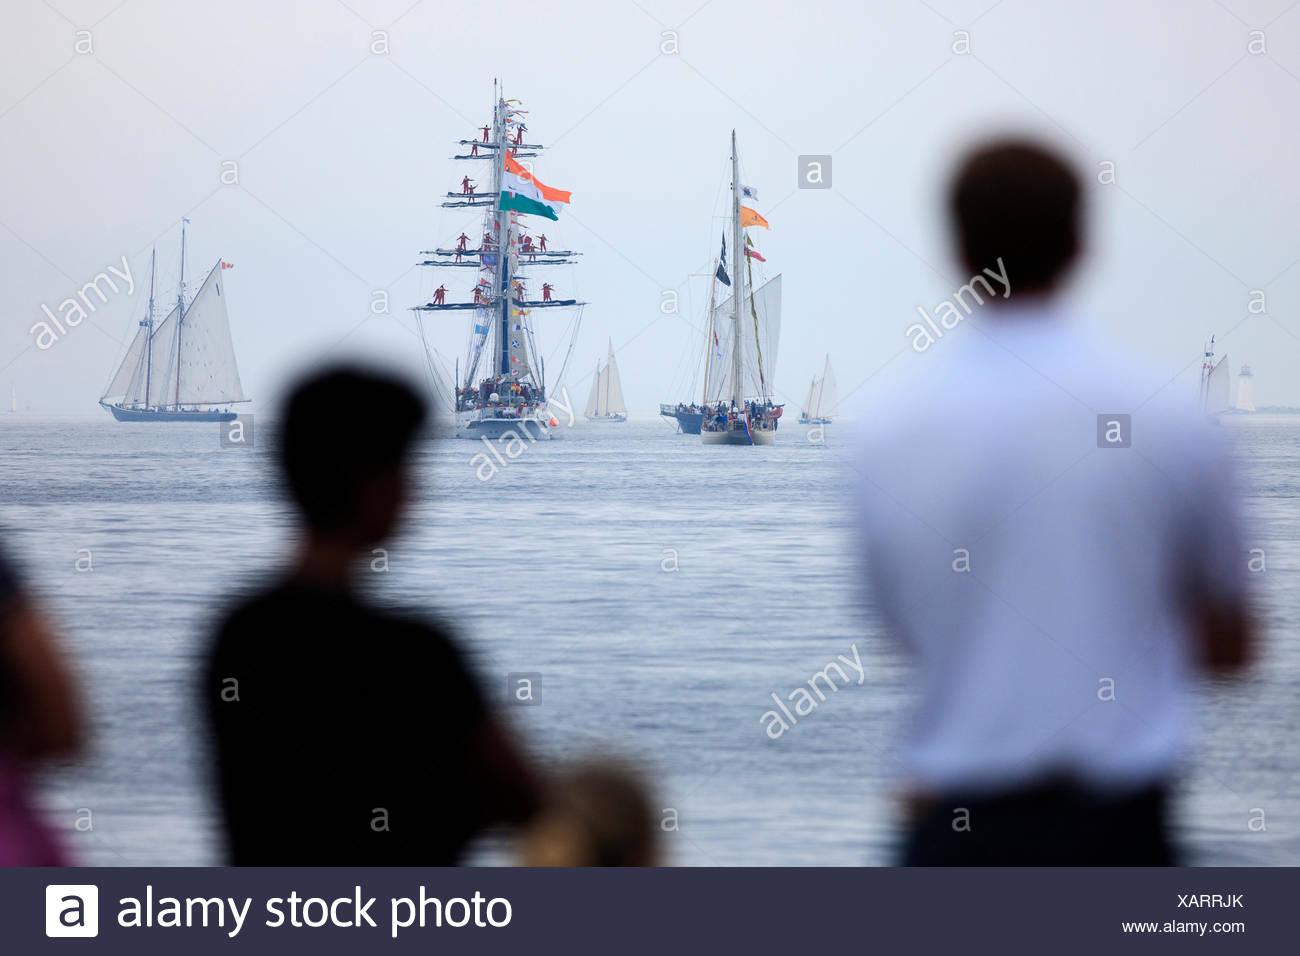 Segelschiffe Kopf ins Meer, als Menschen zu, die Parade der Segelschiffe Abschluss des 2007 groß Schiffe Festivals in Halifax, Nova Scotia sehen. Stockbild